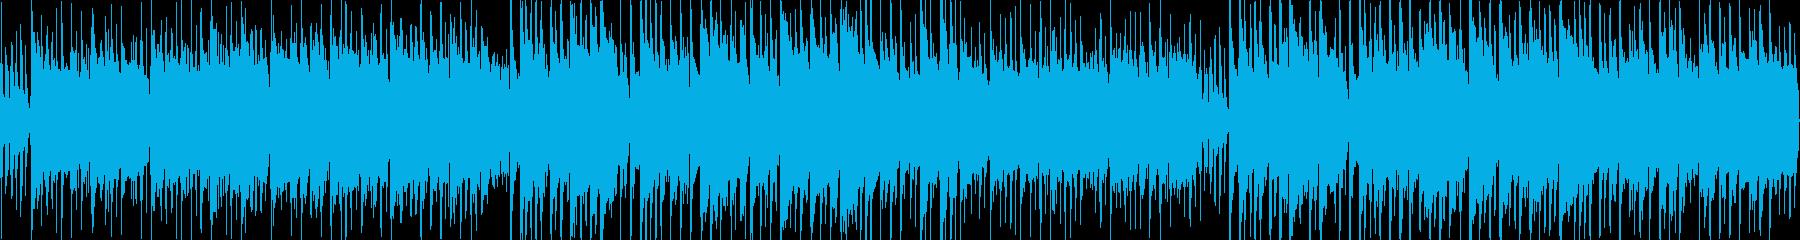 切なく哀愁のあるワールドミュージックの再生済みの波形